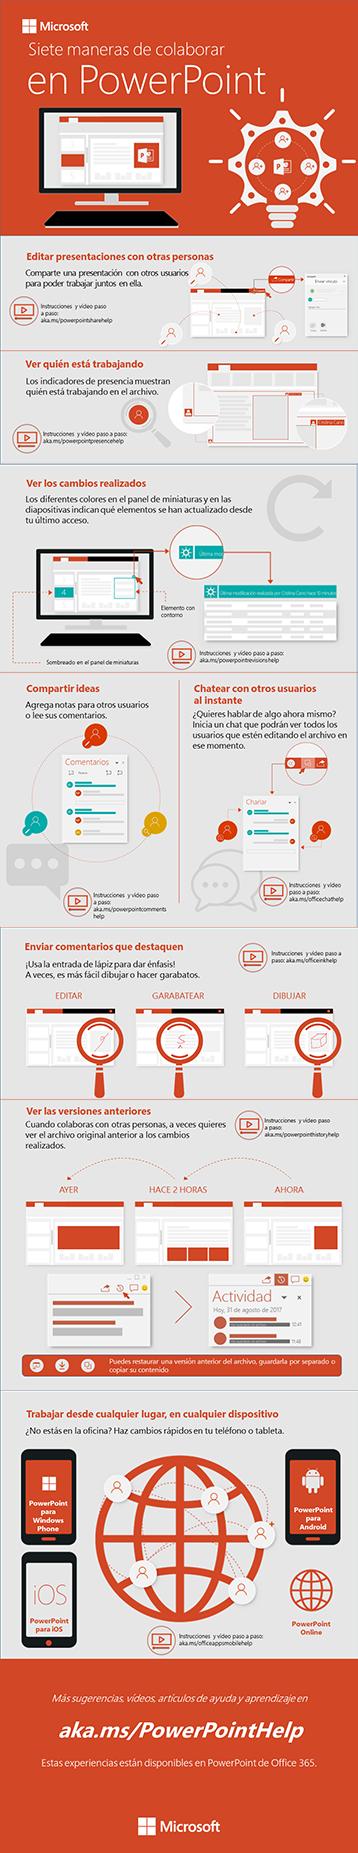 Formas para trabajar juntos en la infografía de PowerPoint